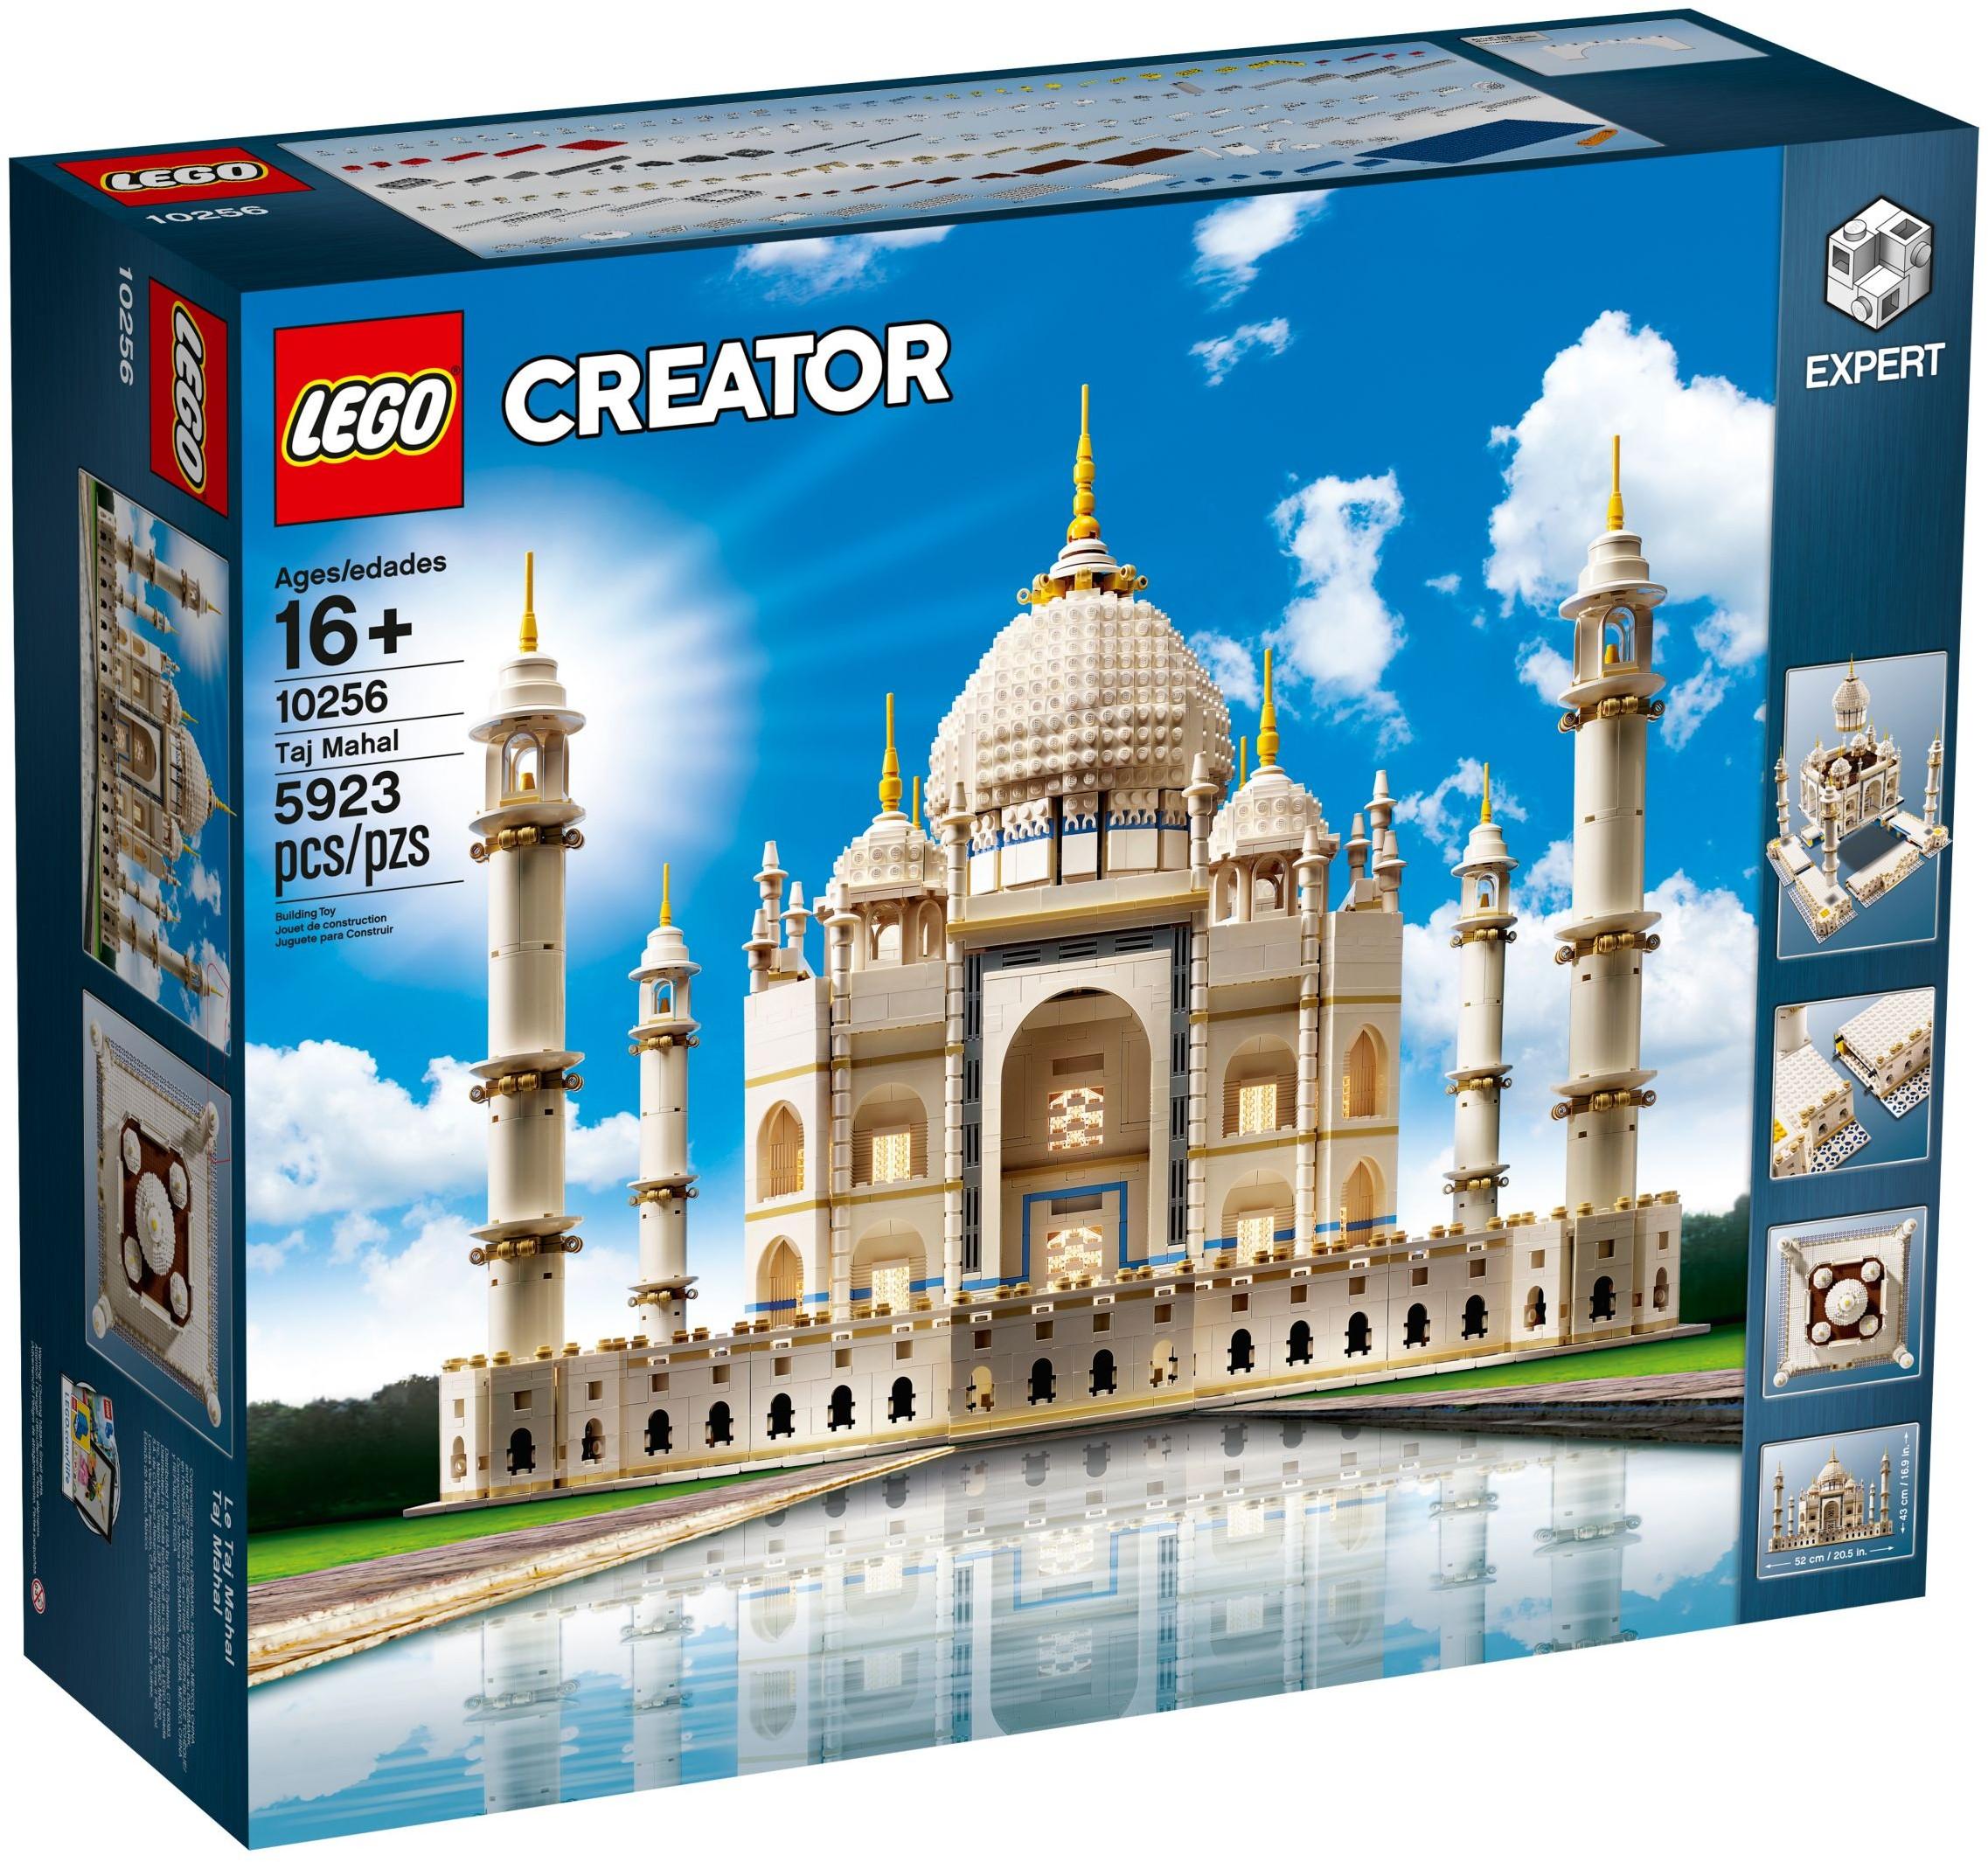 LEGO Creator Expert 10256 Taj Mahal